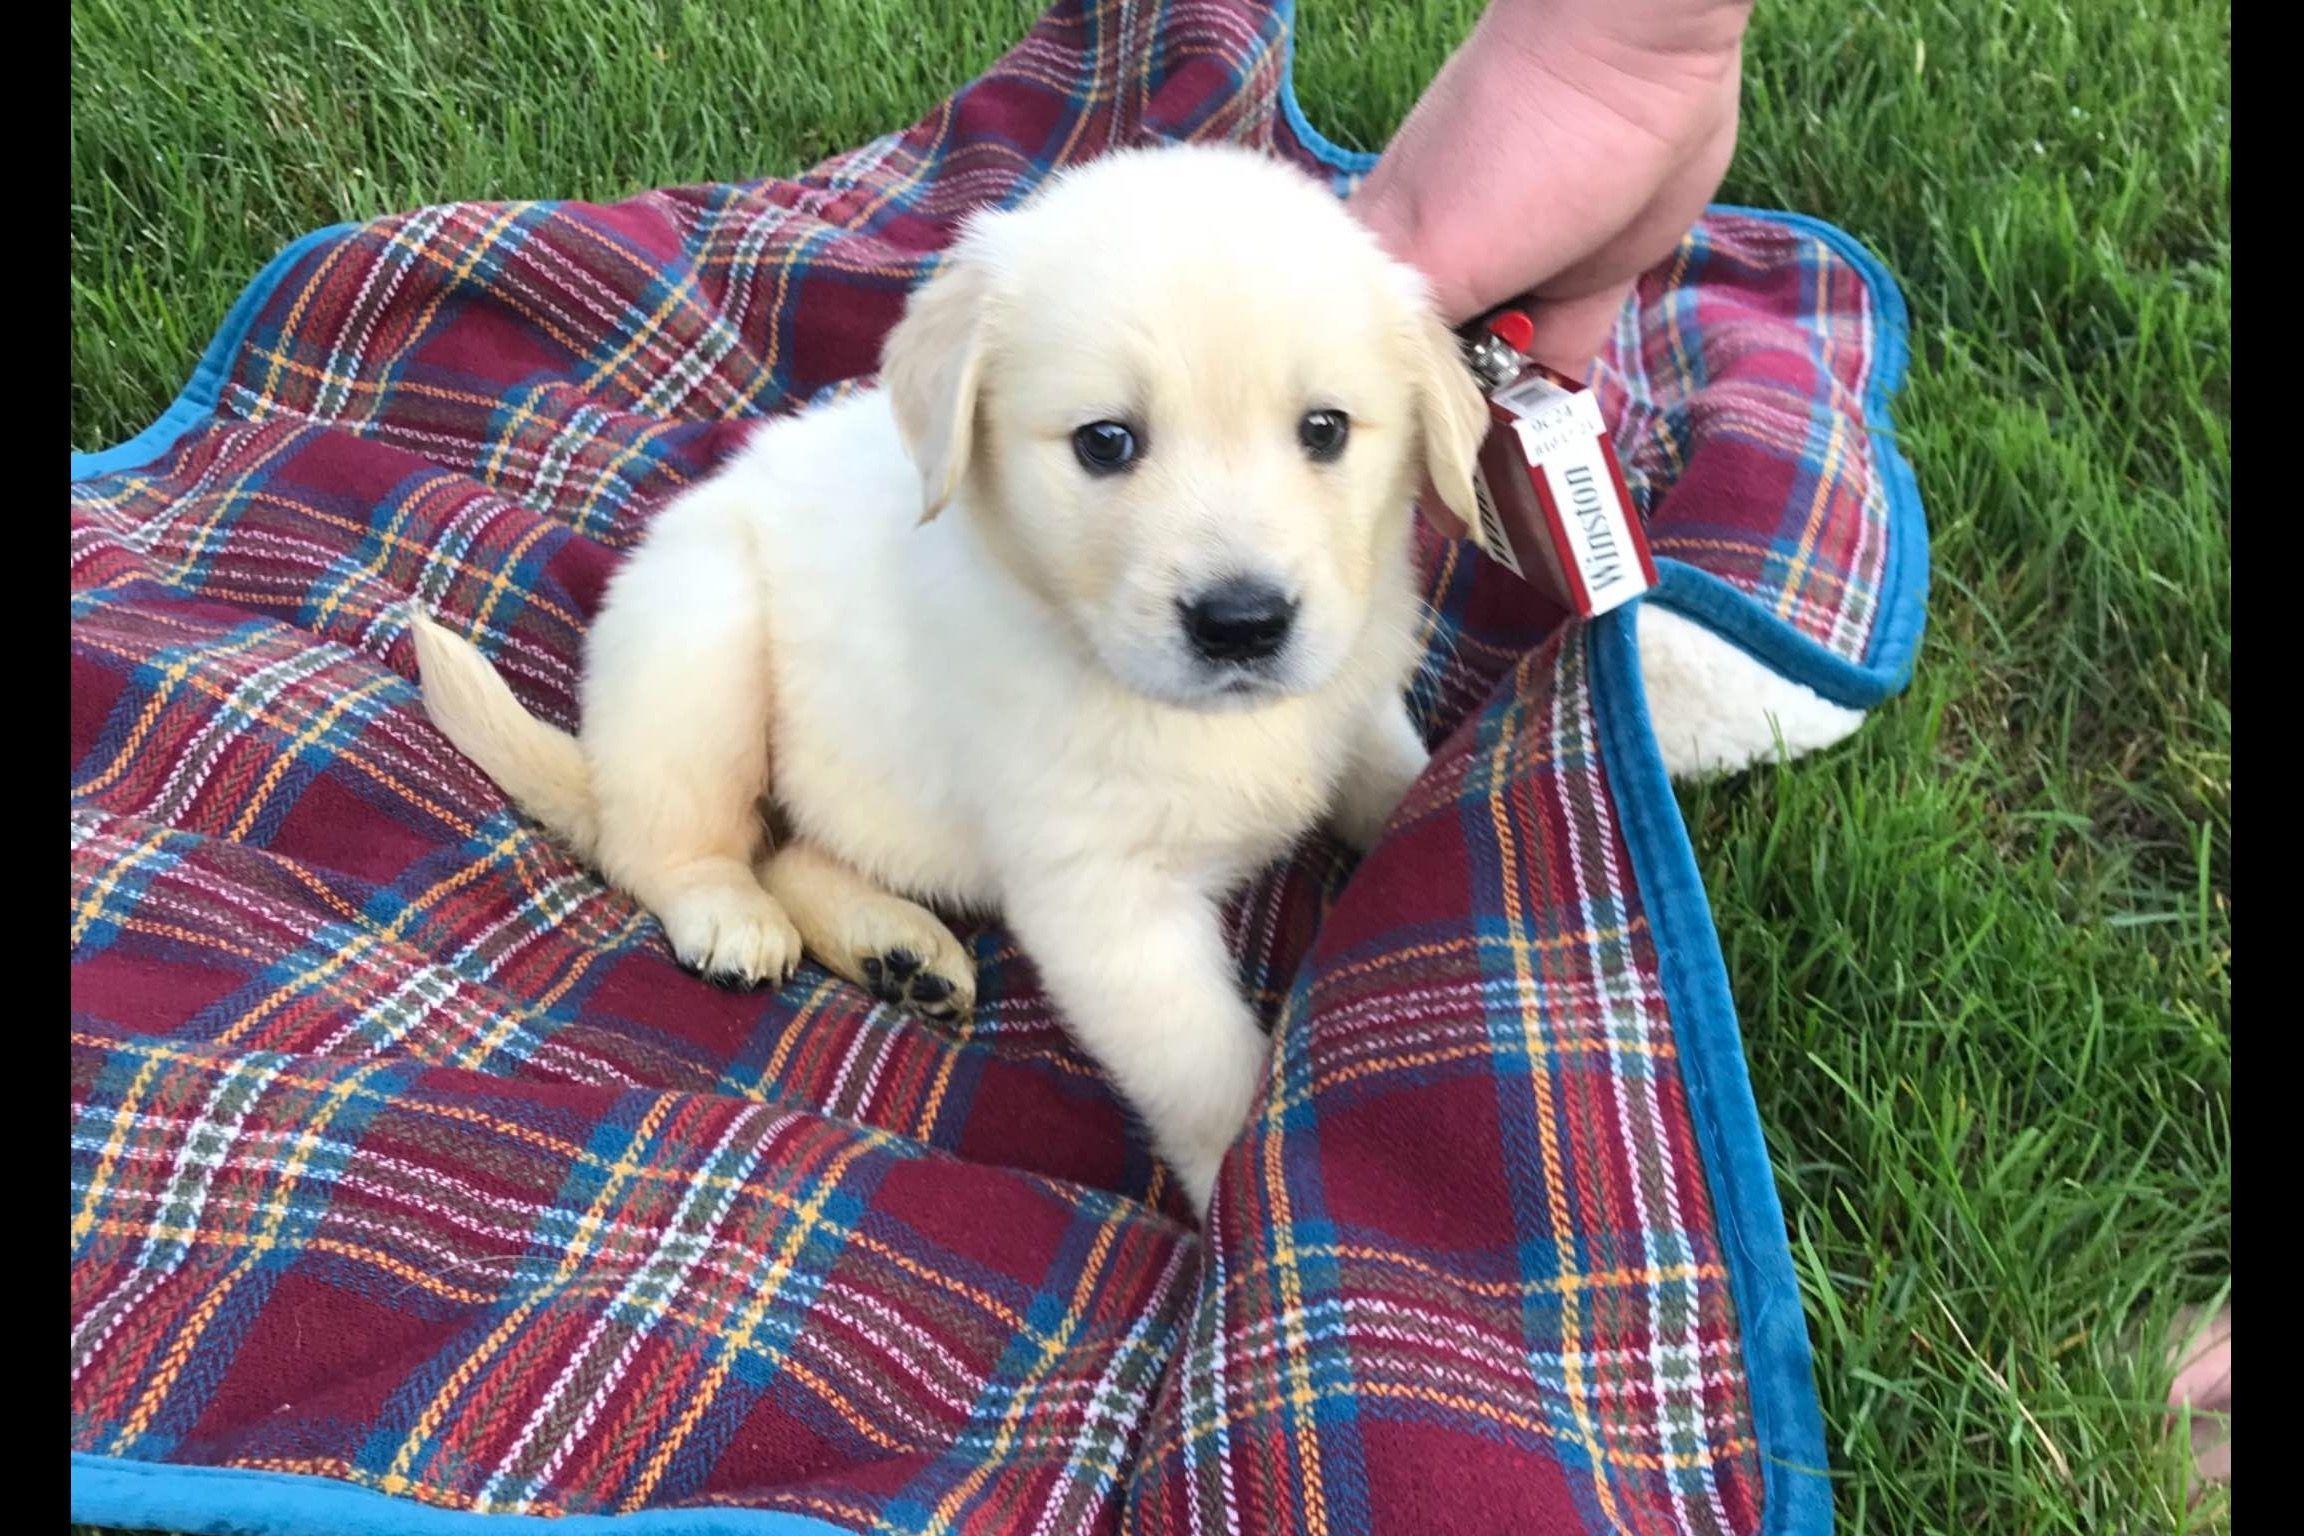 Joanne Ruthsatz Has Golden Retriever Puppies For Sale In Sandusky Oh On Akc Puppyfinder Retriever Puppy Puppies For Sale Golden Retriever